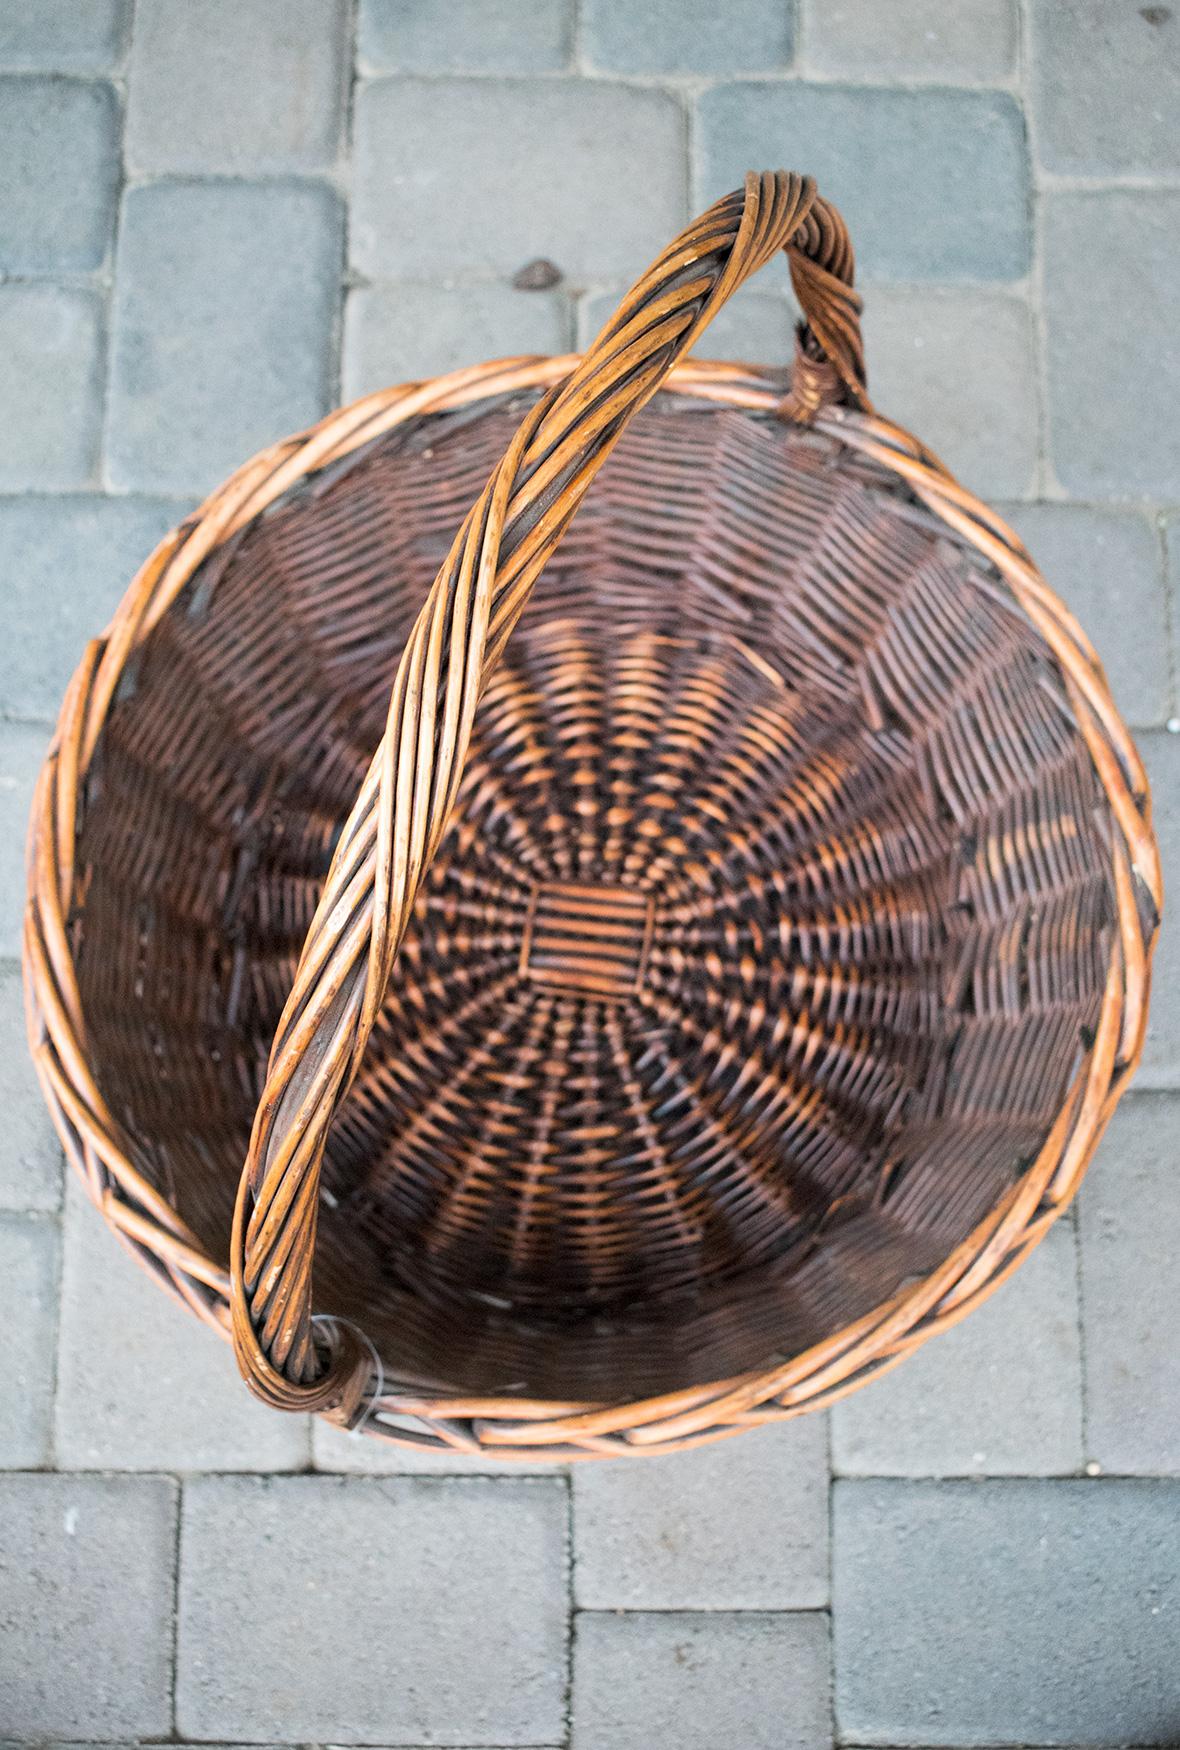 Priya Creates- Make your own christmas tree basket!